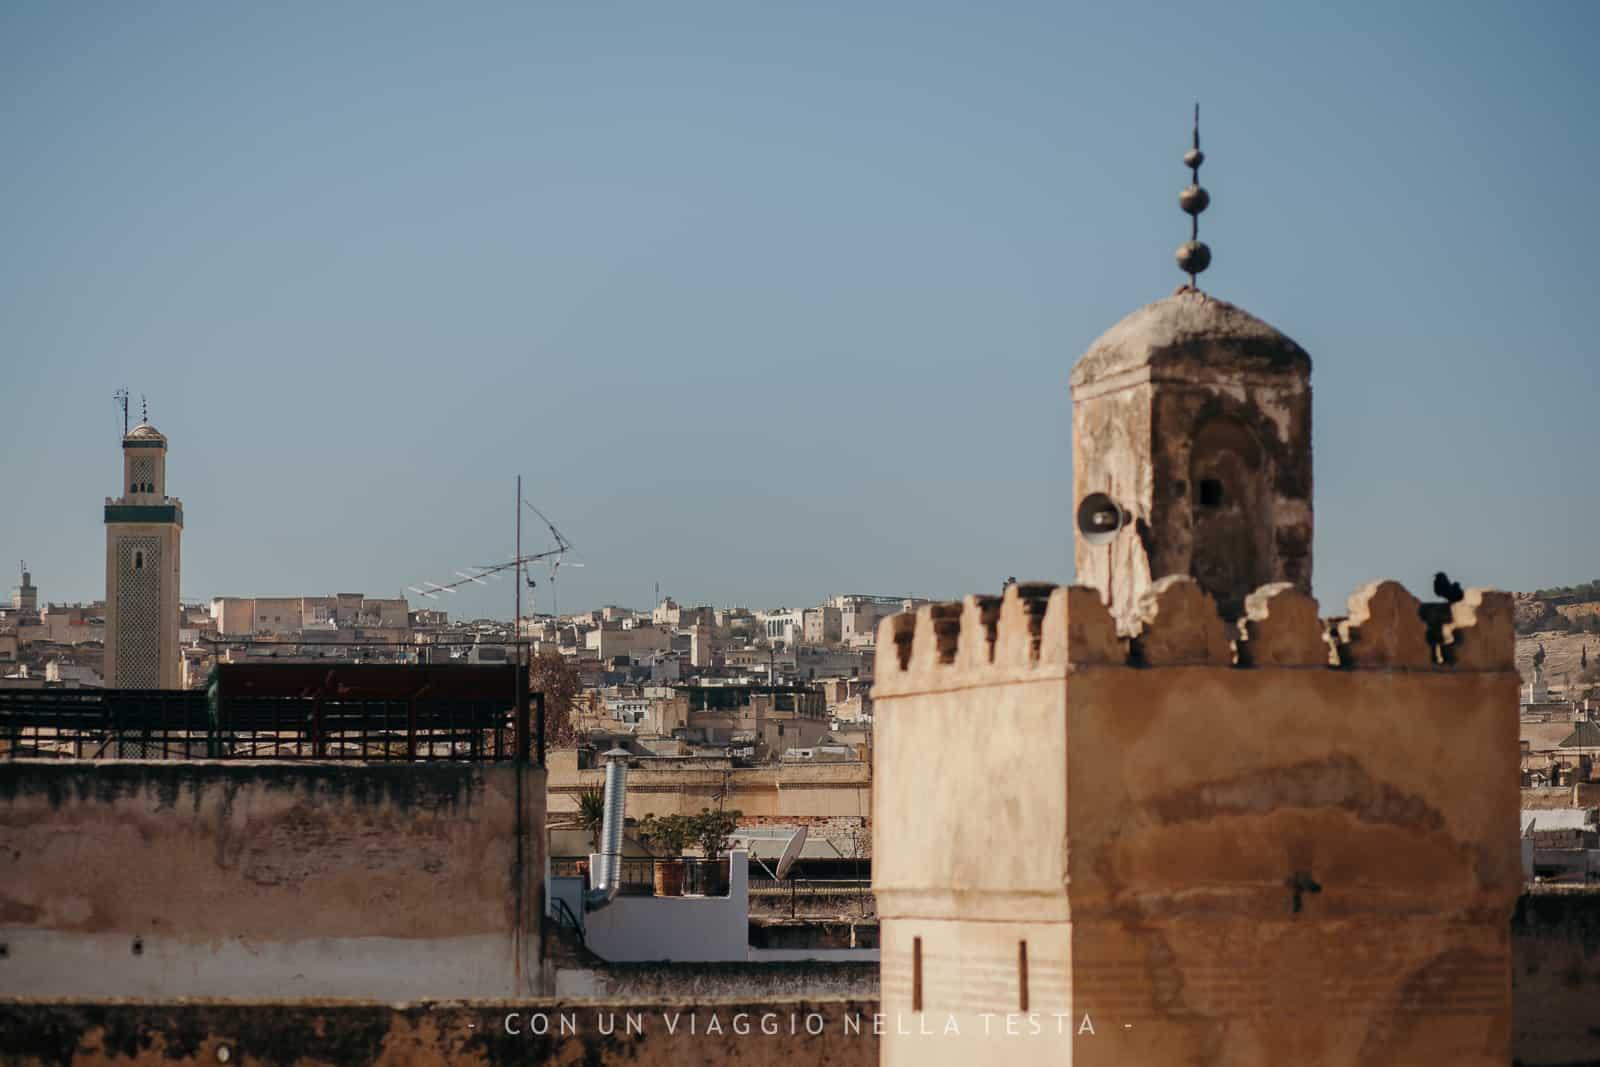 Viaggio a Fez Marocco, luci e ombre della medina